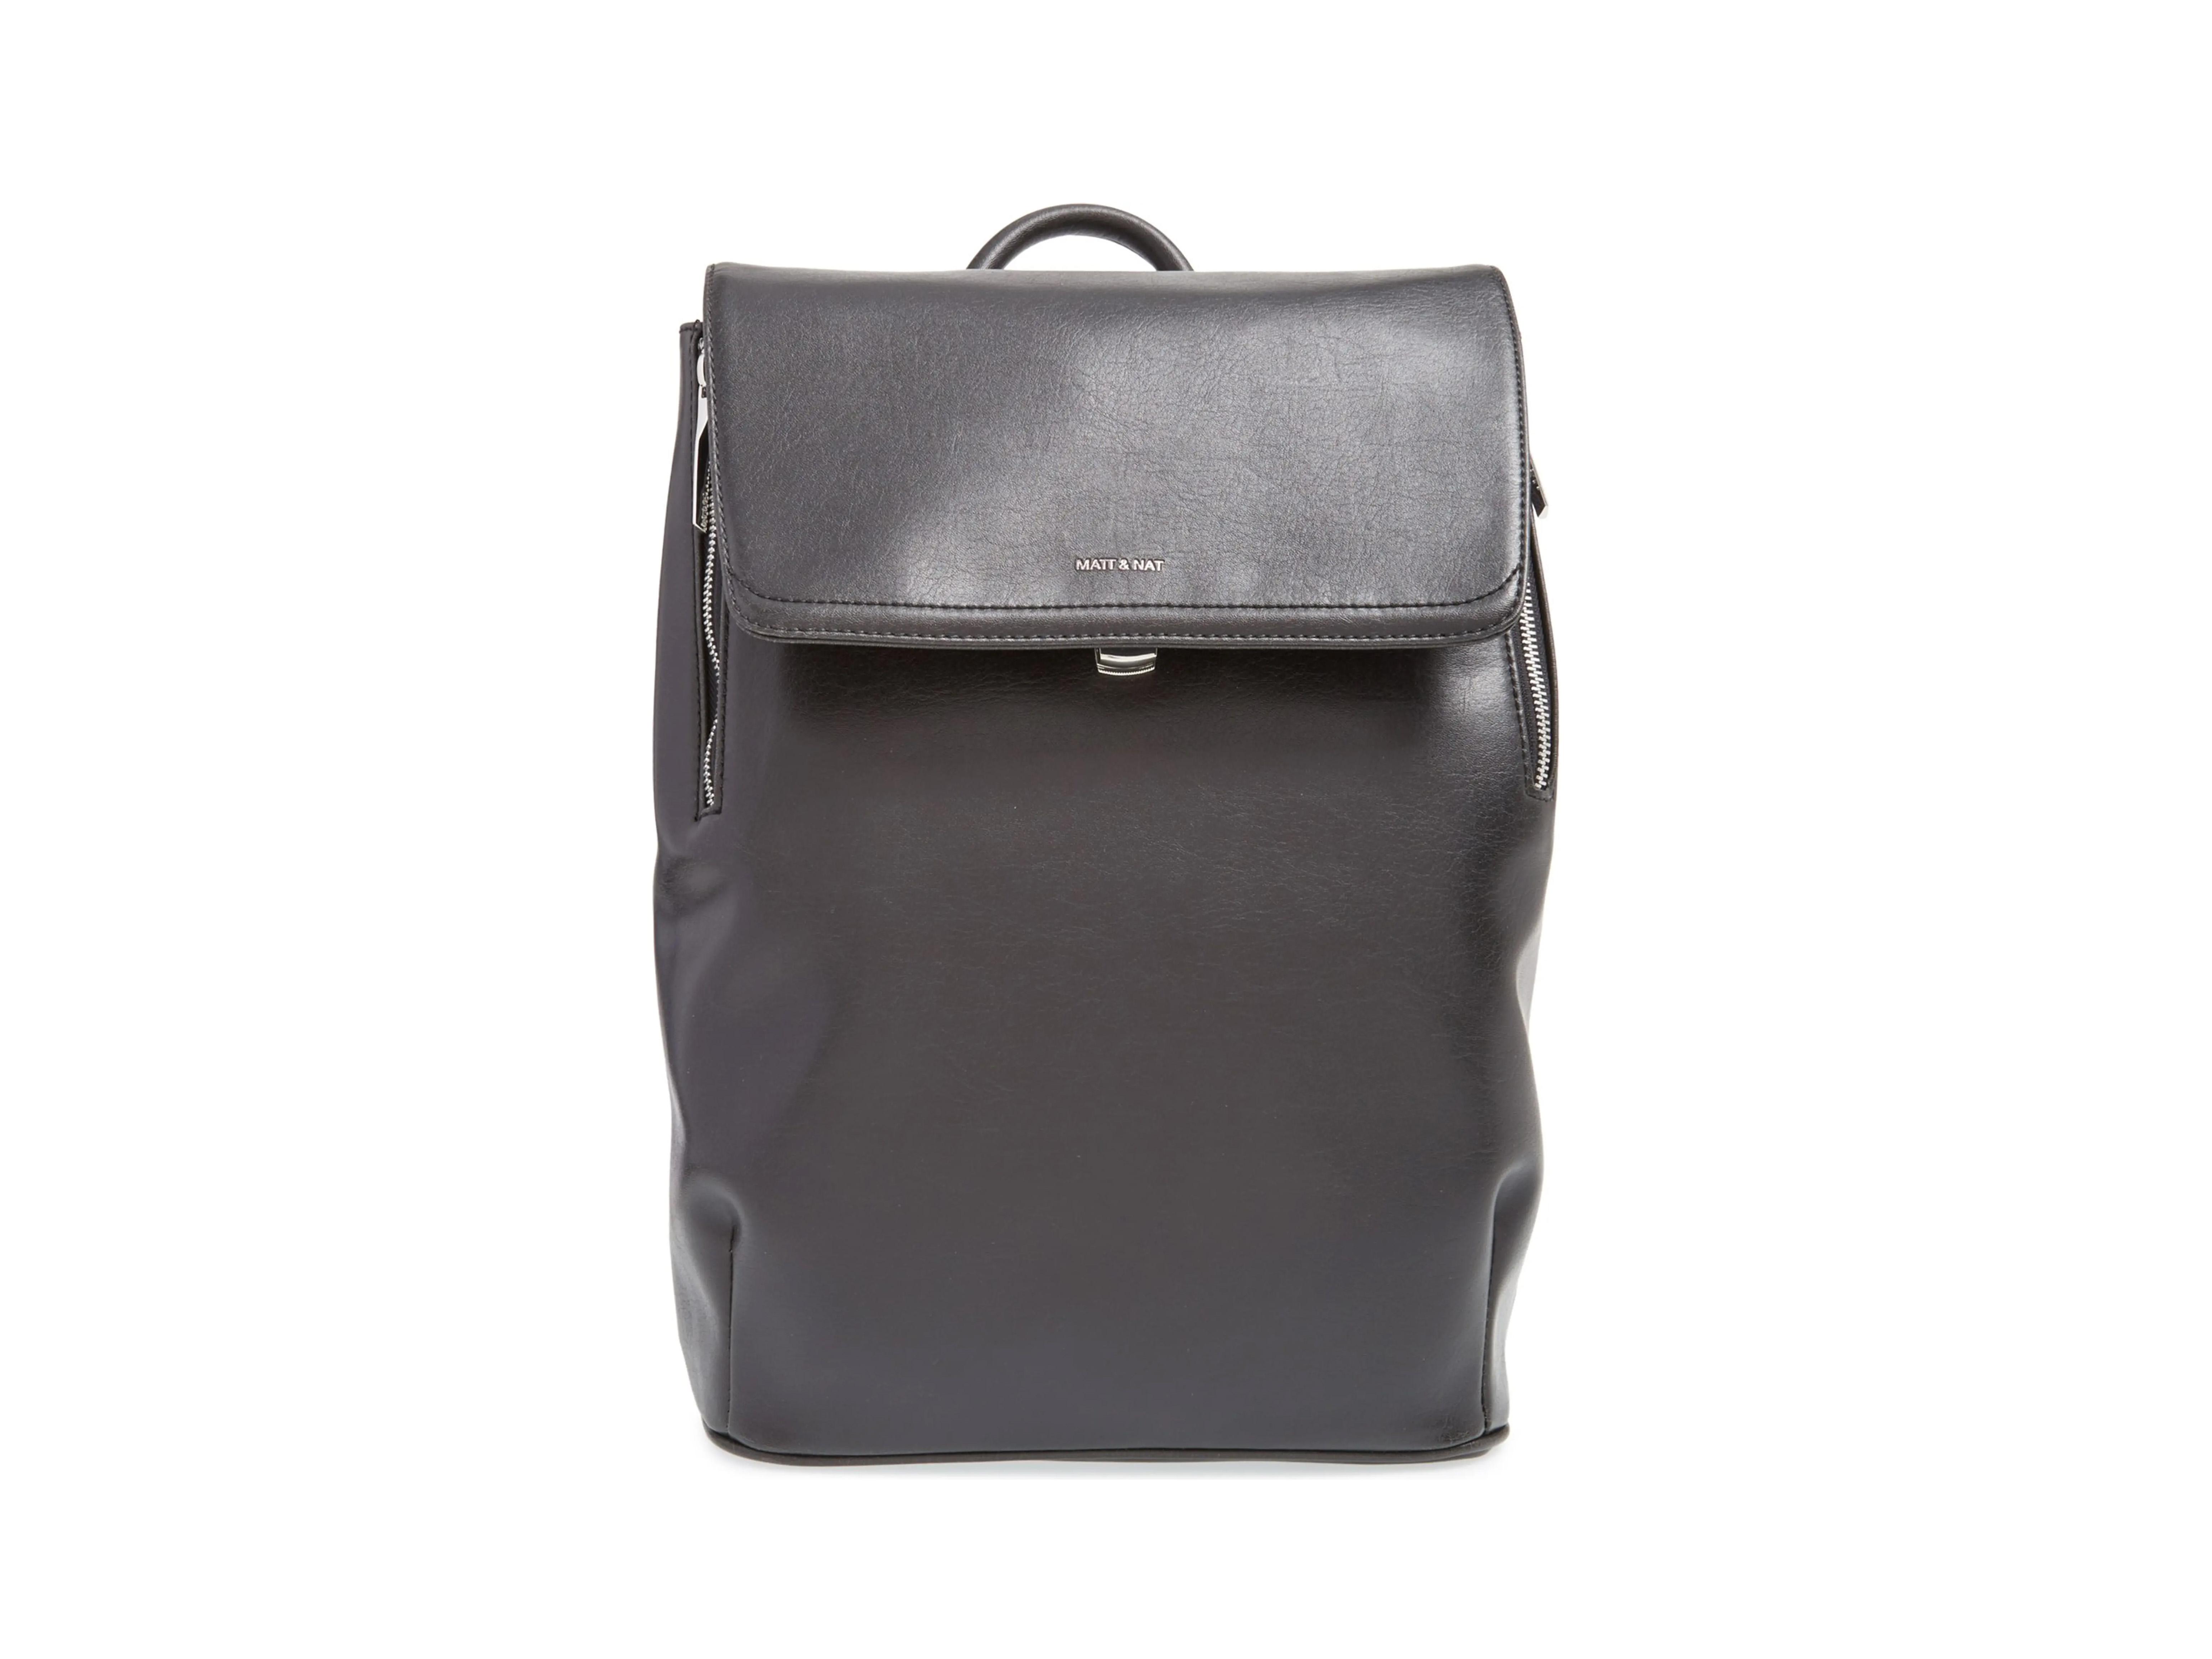 Best Leather Backpacks - Matt & Nat